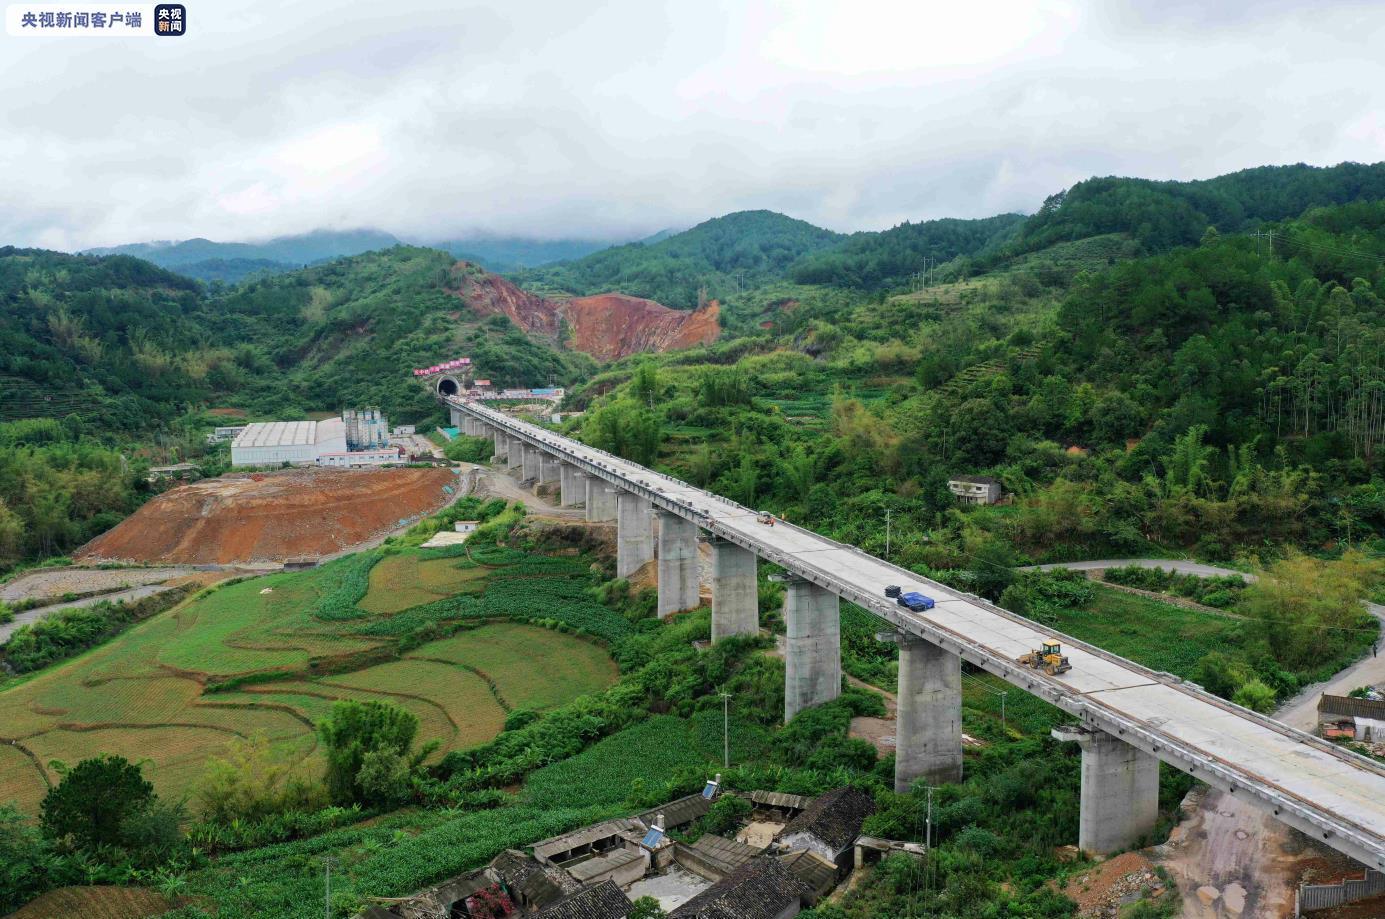 中老昆明万象铁路和天富官网平隧道贯通预,天富官网图片